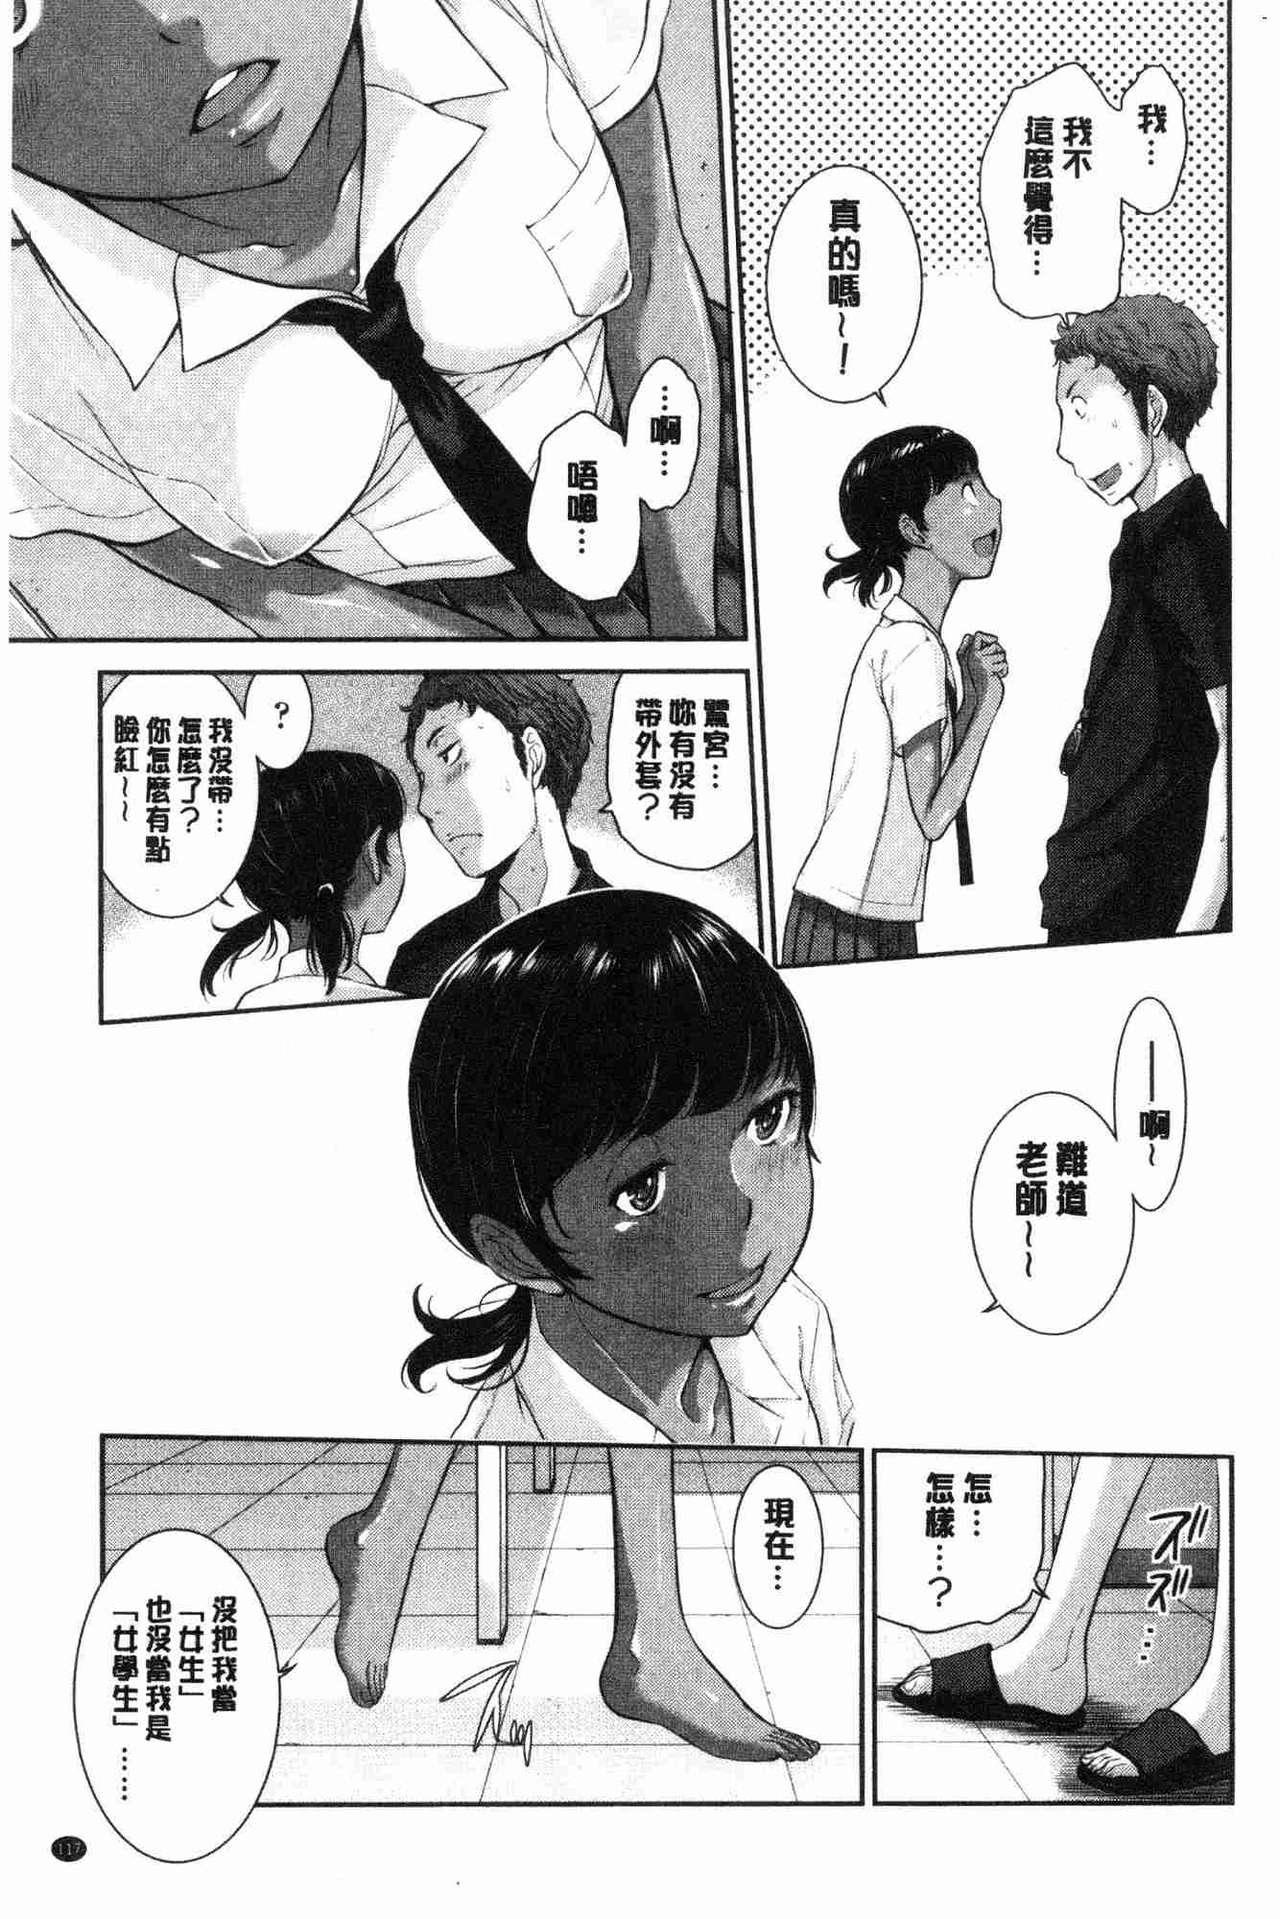 [Harazaki Takuma] Seifuku Shijou Shugi -Natsu- - Uniforms supremacy [Chinese] 117